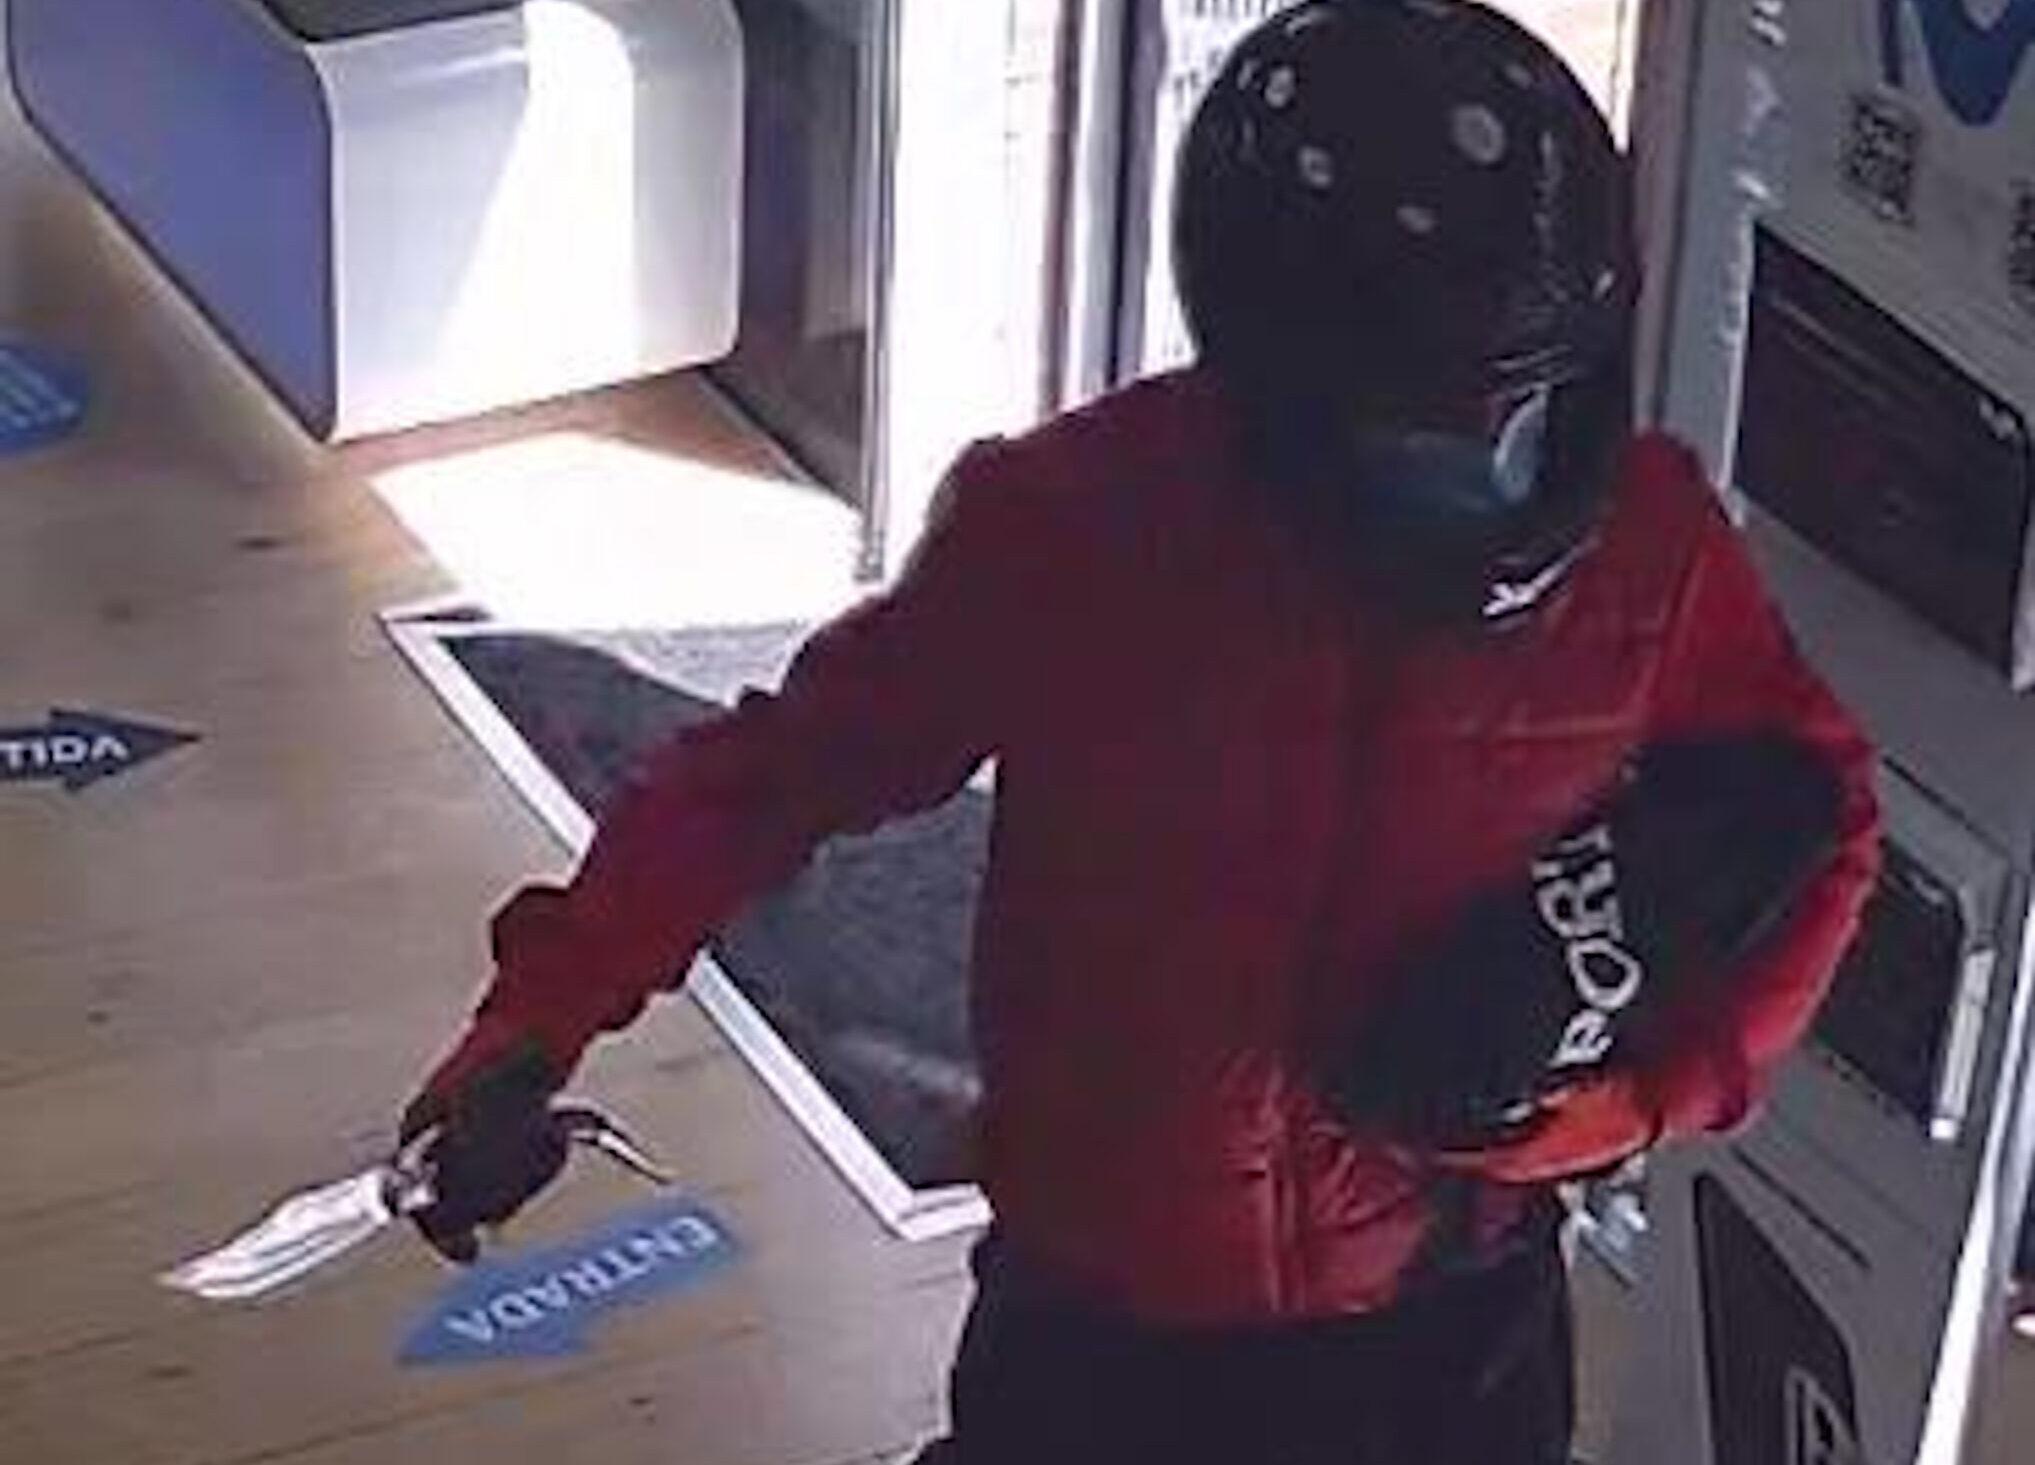 L'arrestat amb una navalla a l'interior d'un establiment | ACN